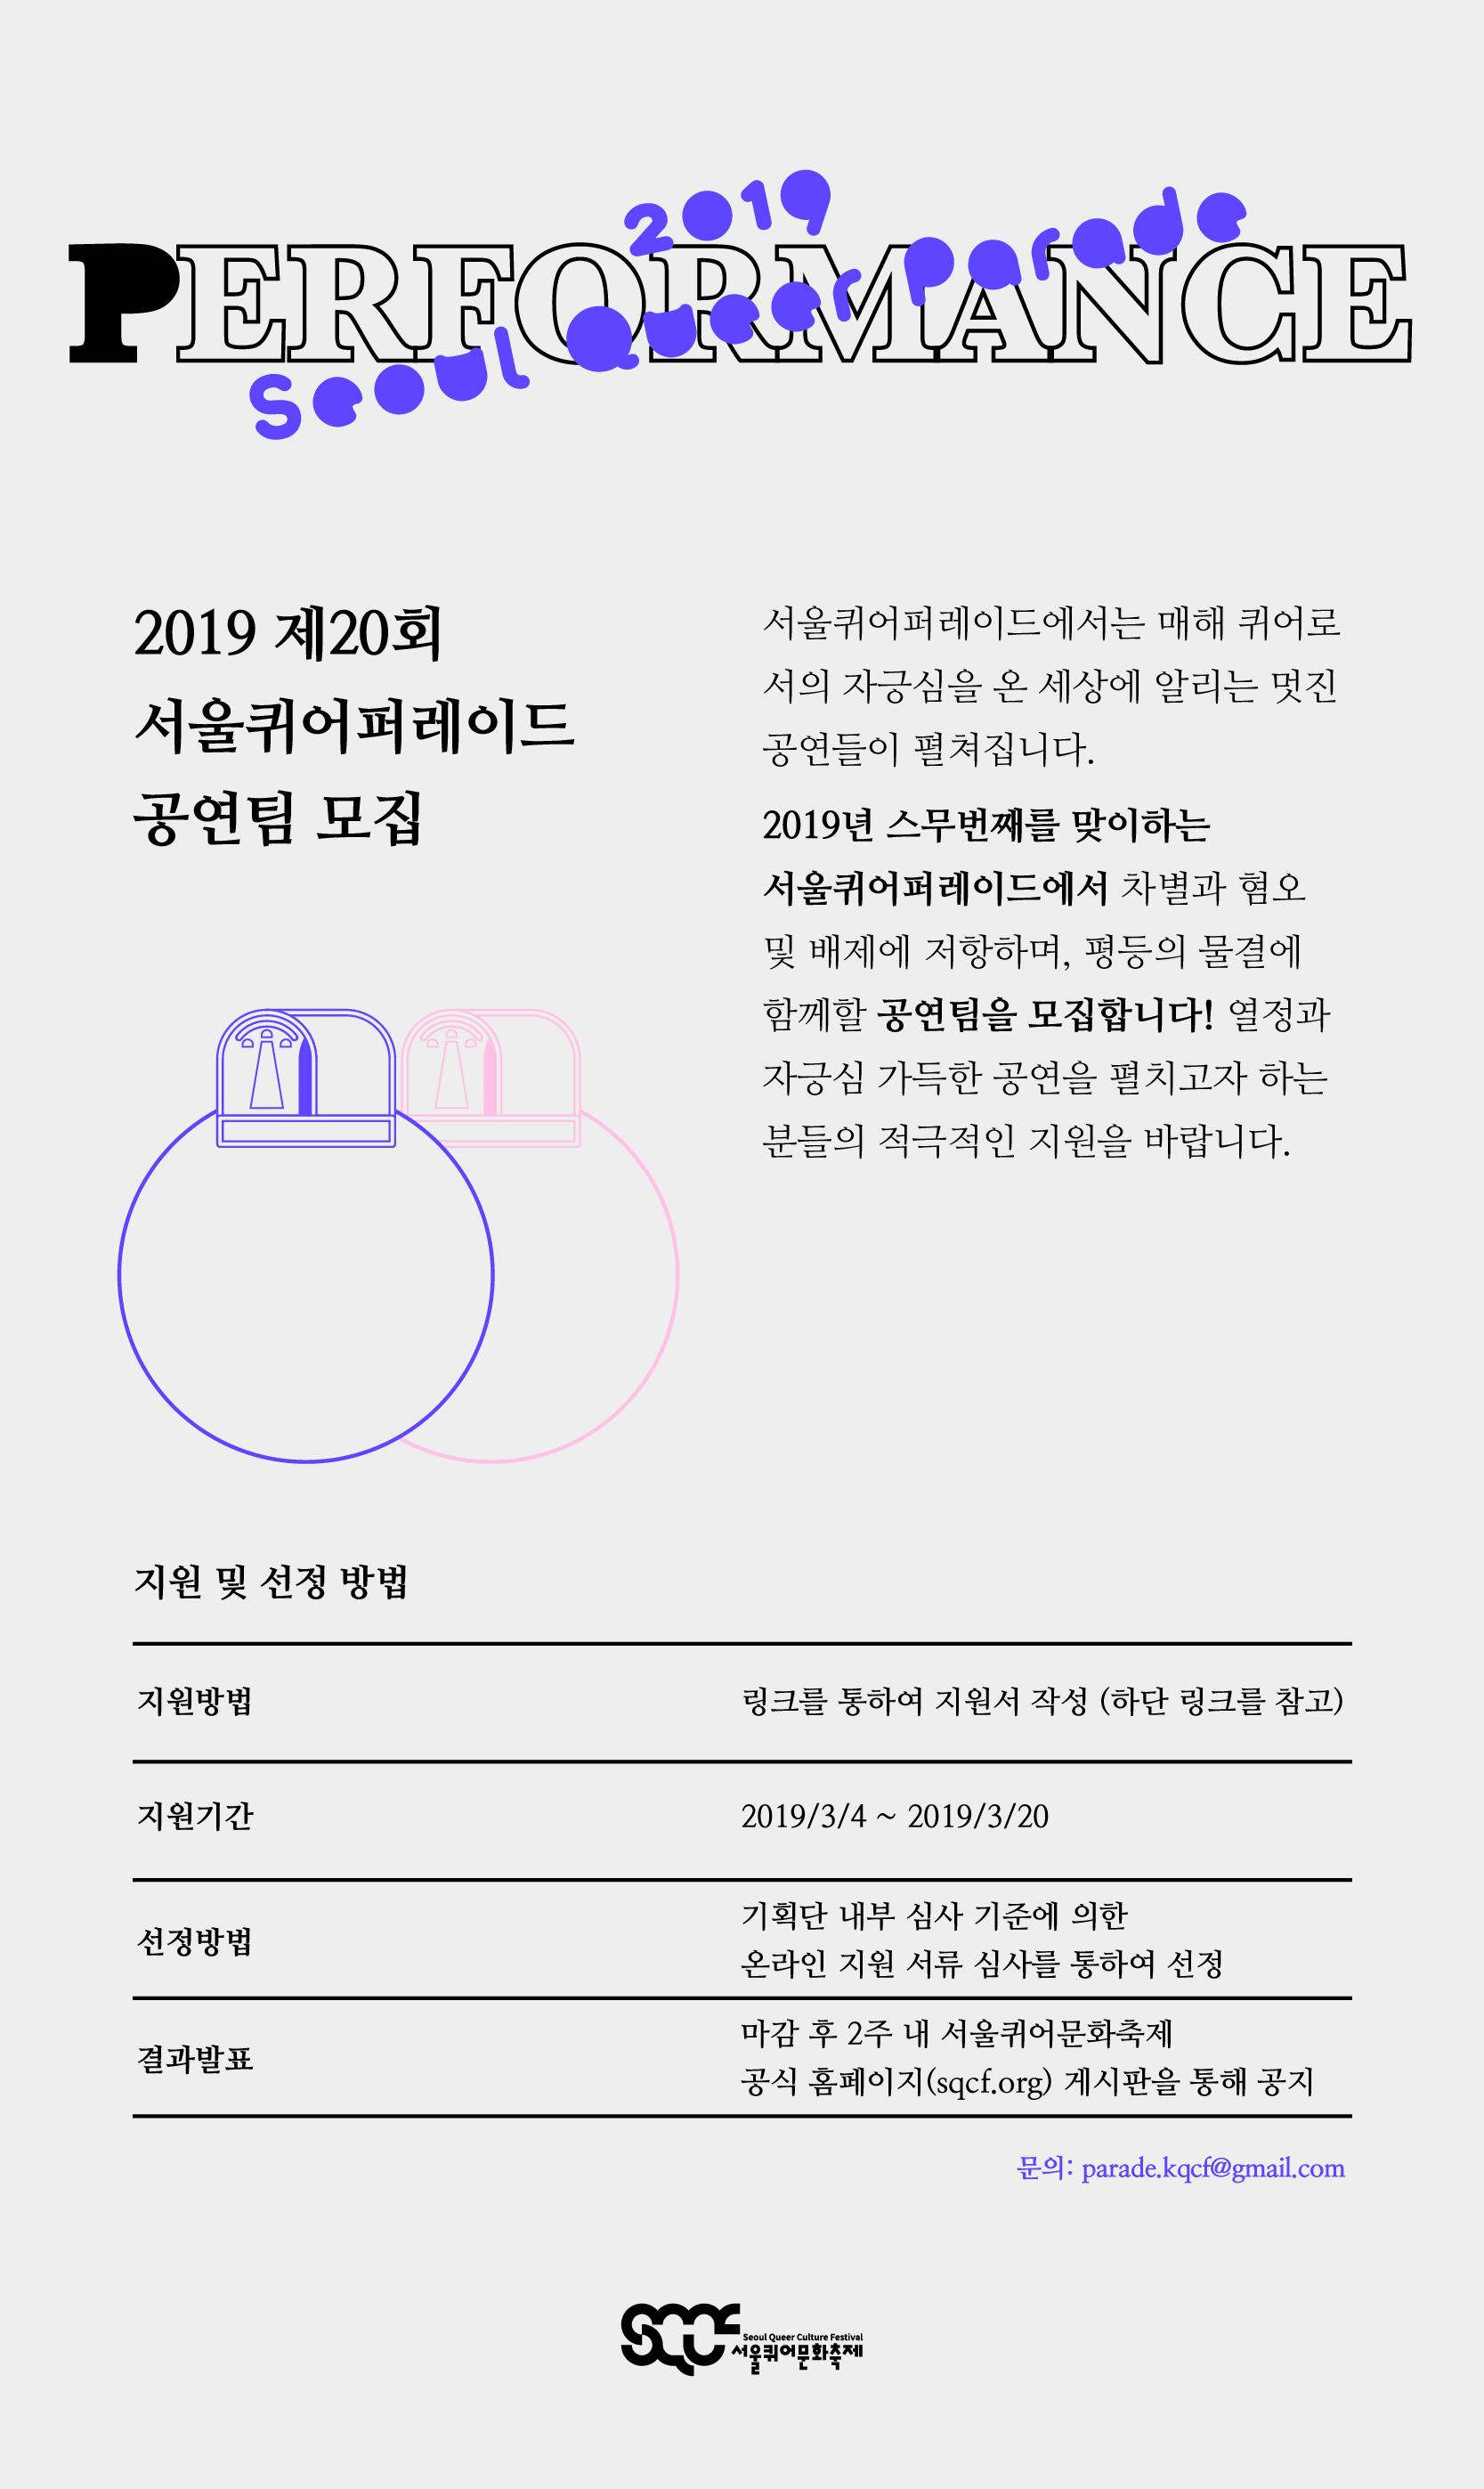 웹자보_2019제20회서울퀴어퍼레이드공연팀모집.png